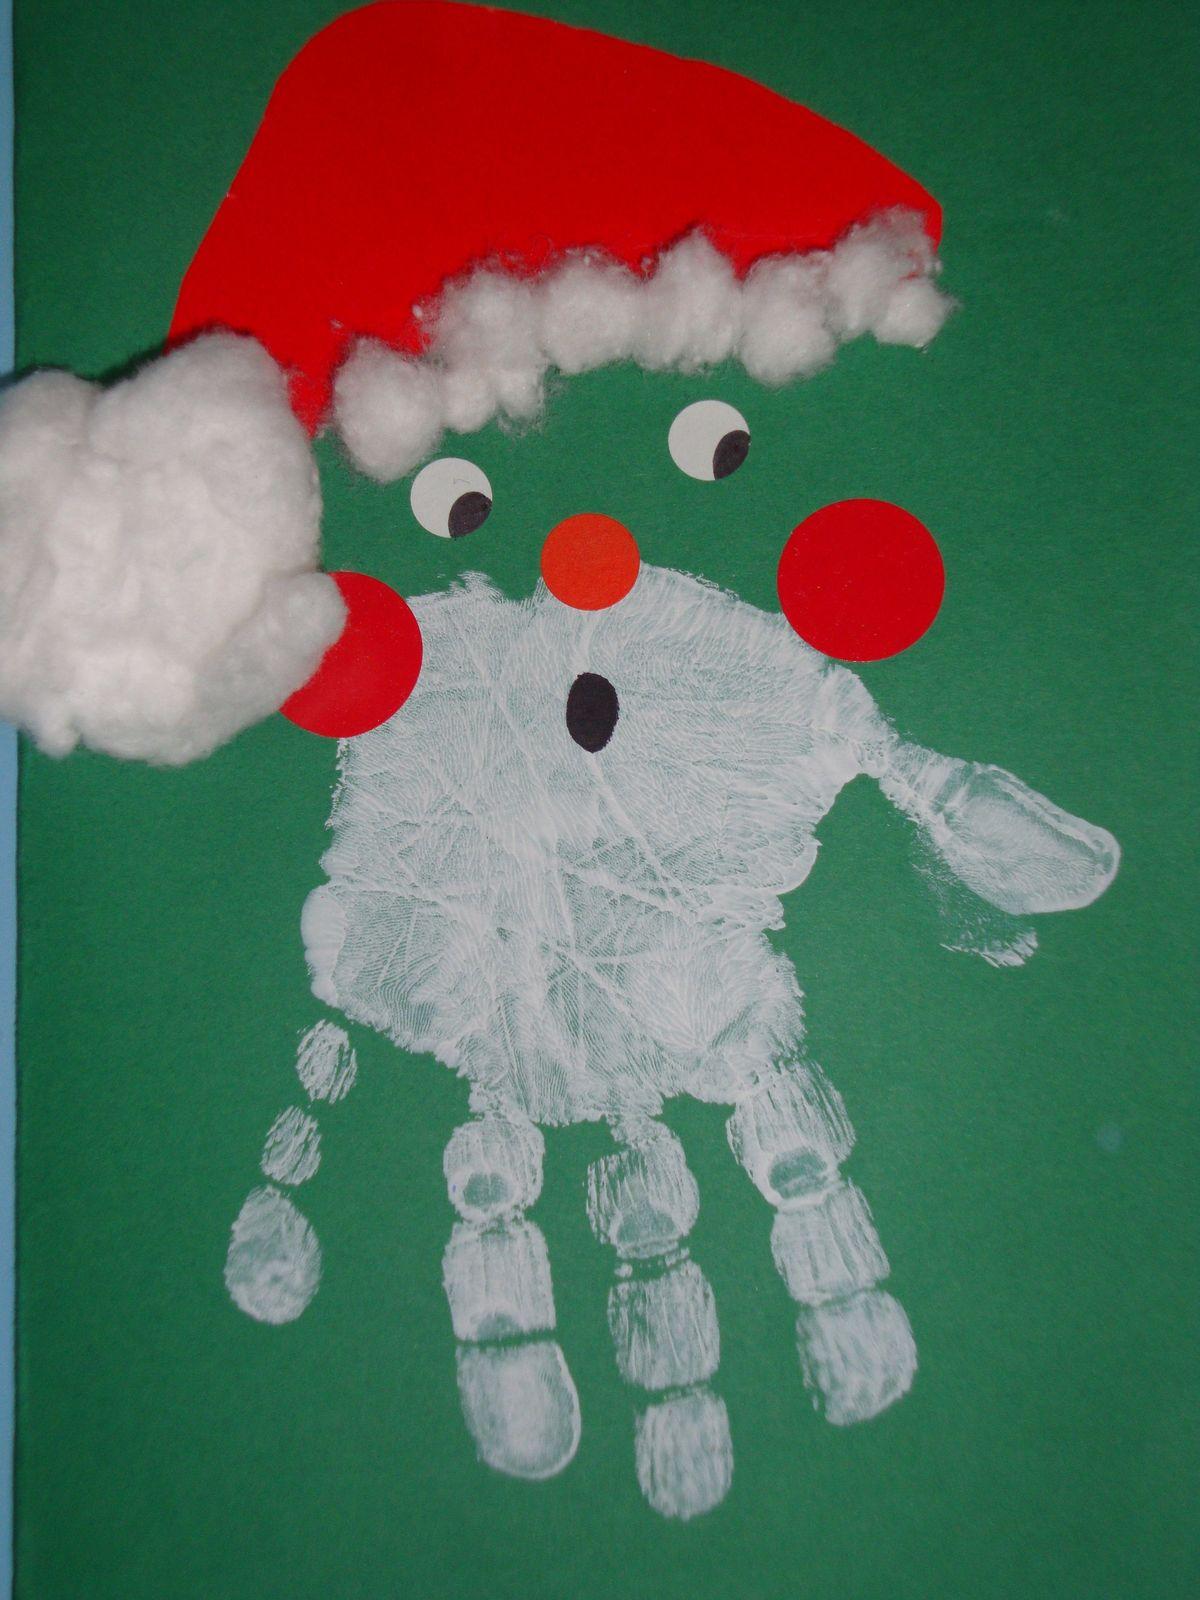 Educaci n infantil psj felicitaci n de navidad - Tarjetas de navidad hechas por ninos ...